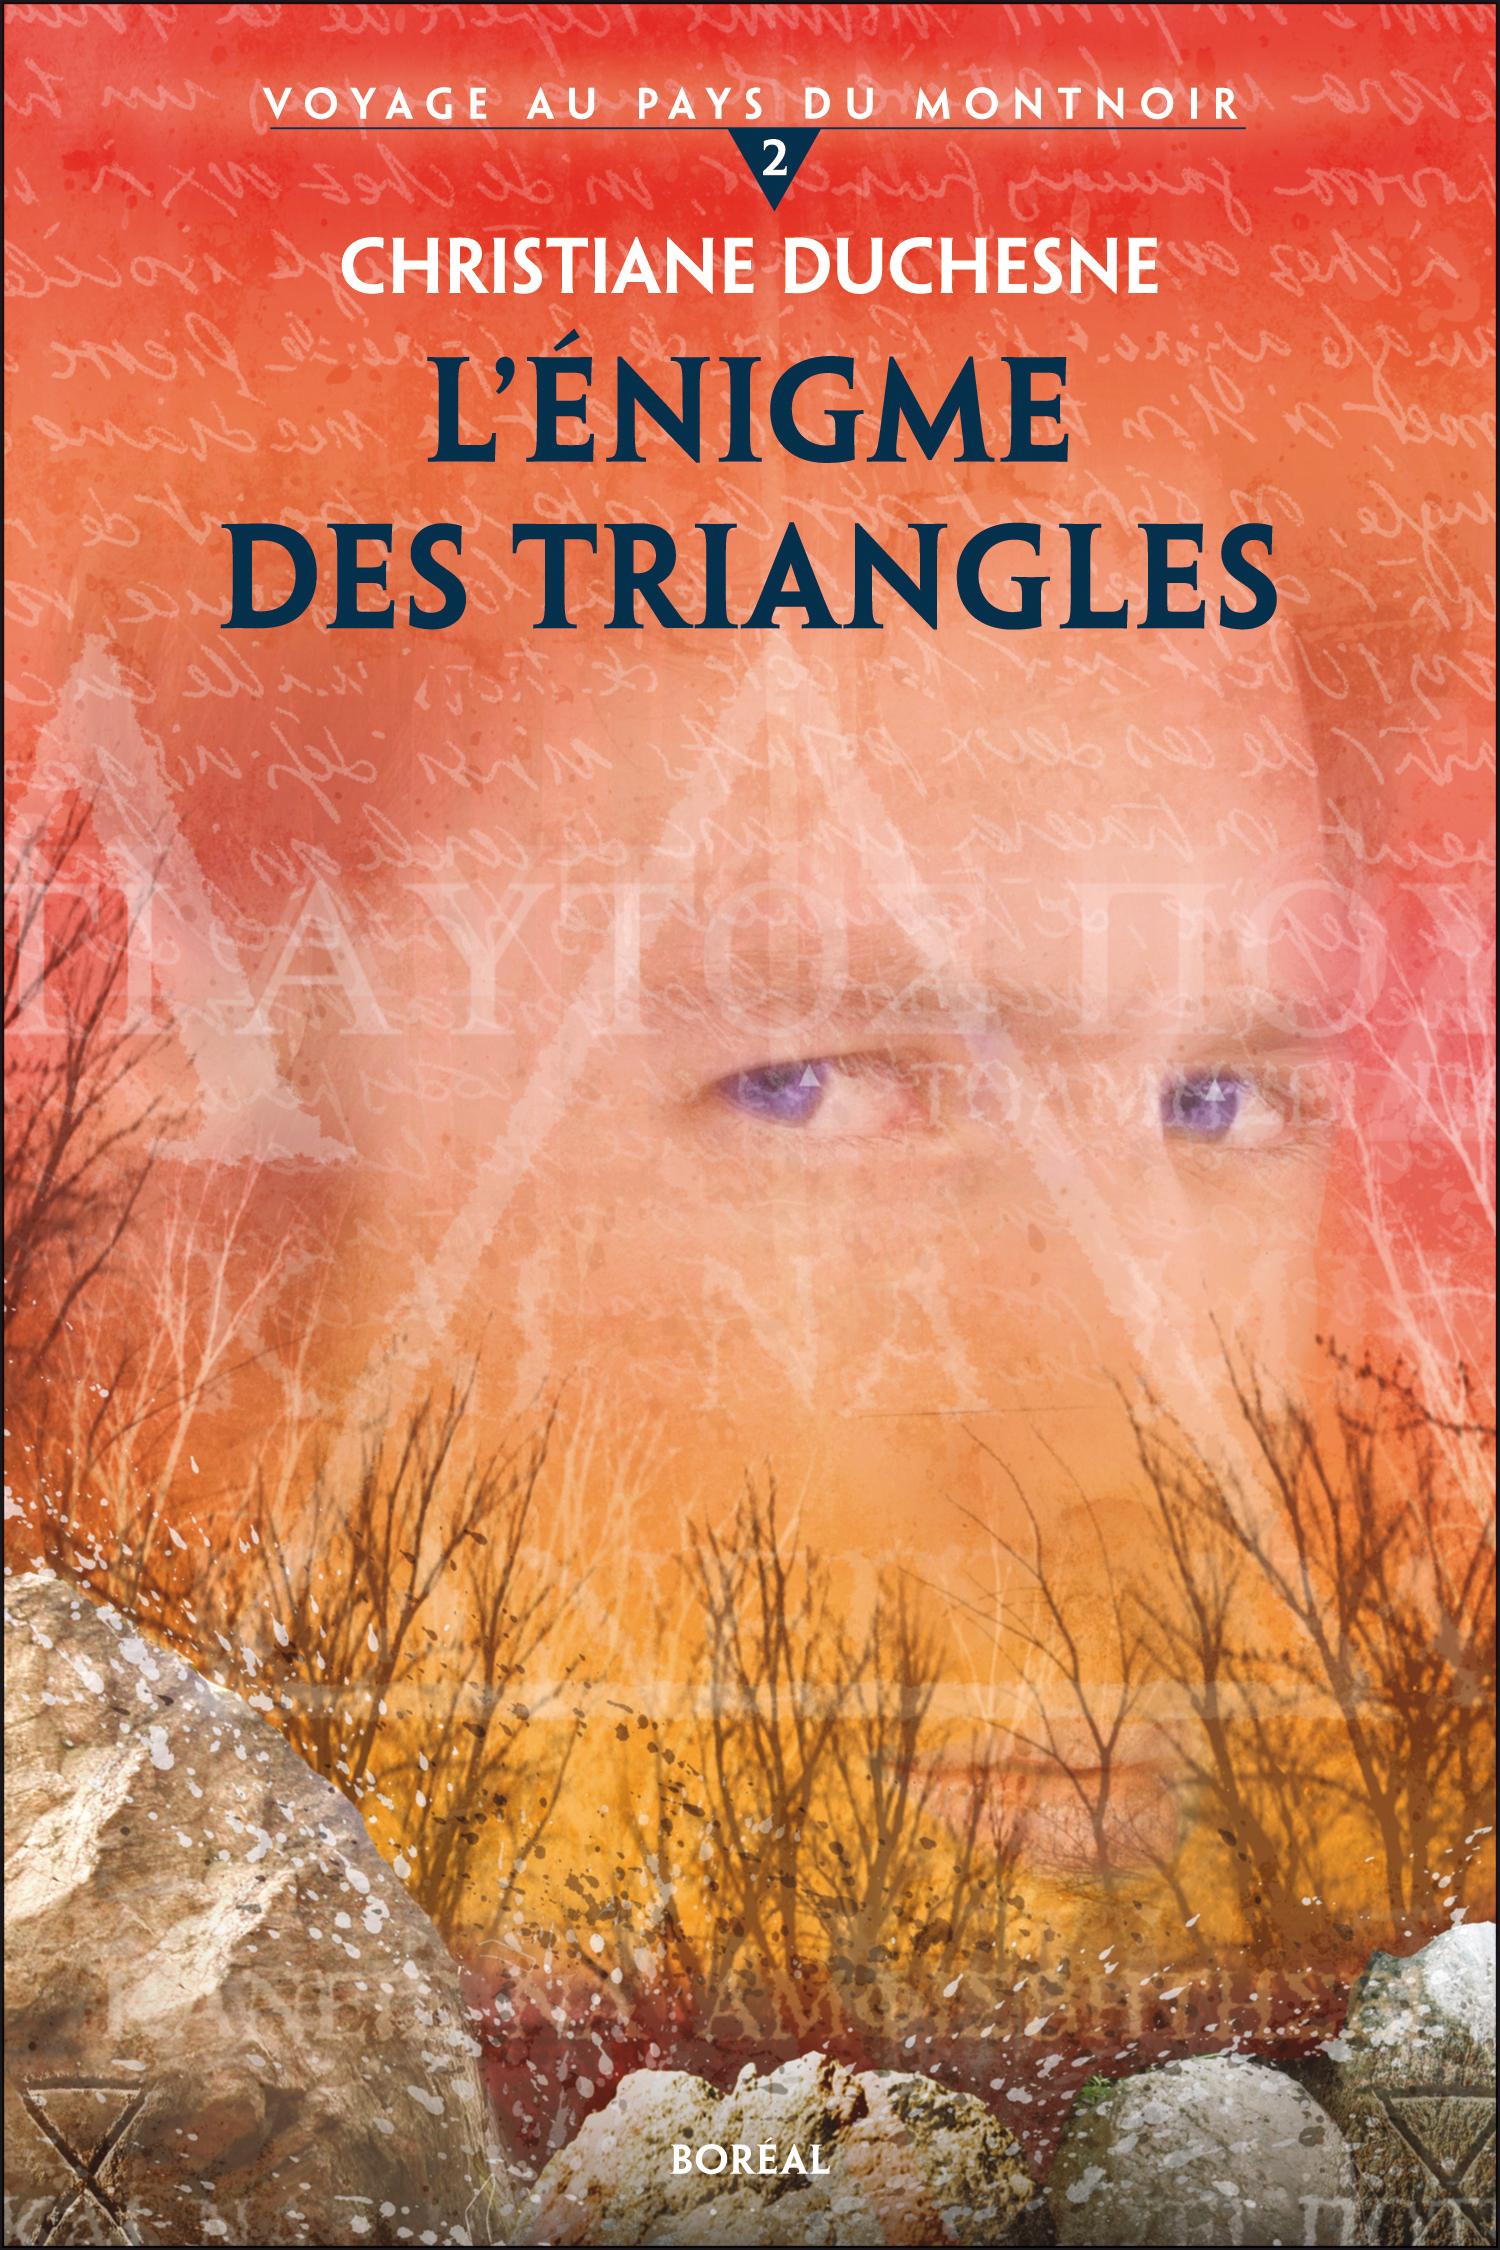 Énigme des triangles (L')